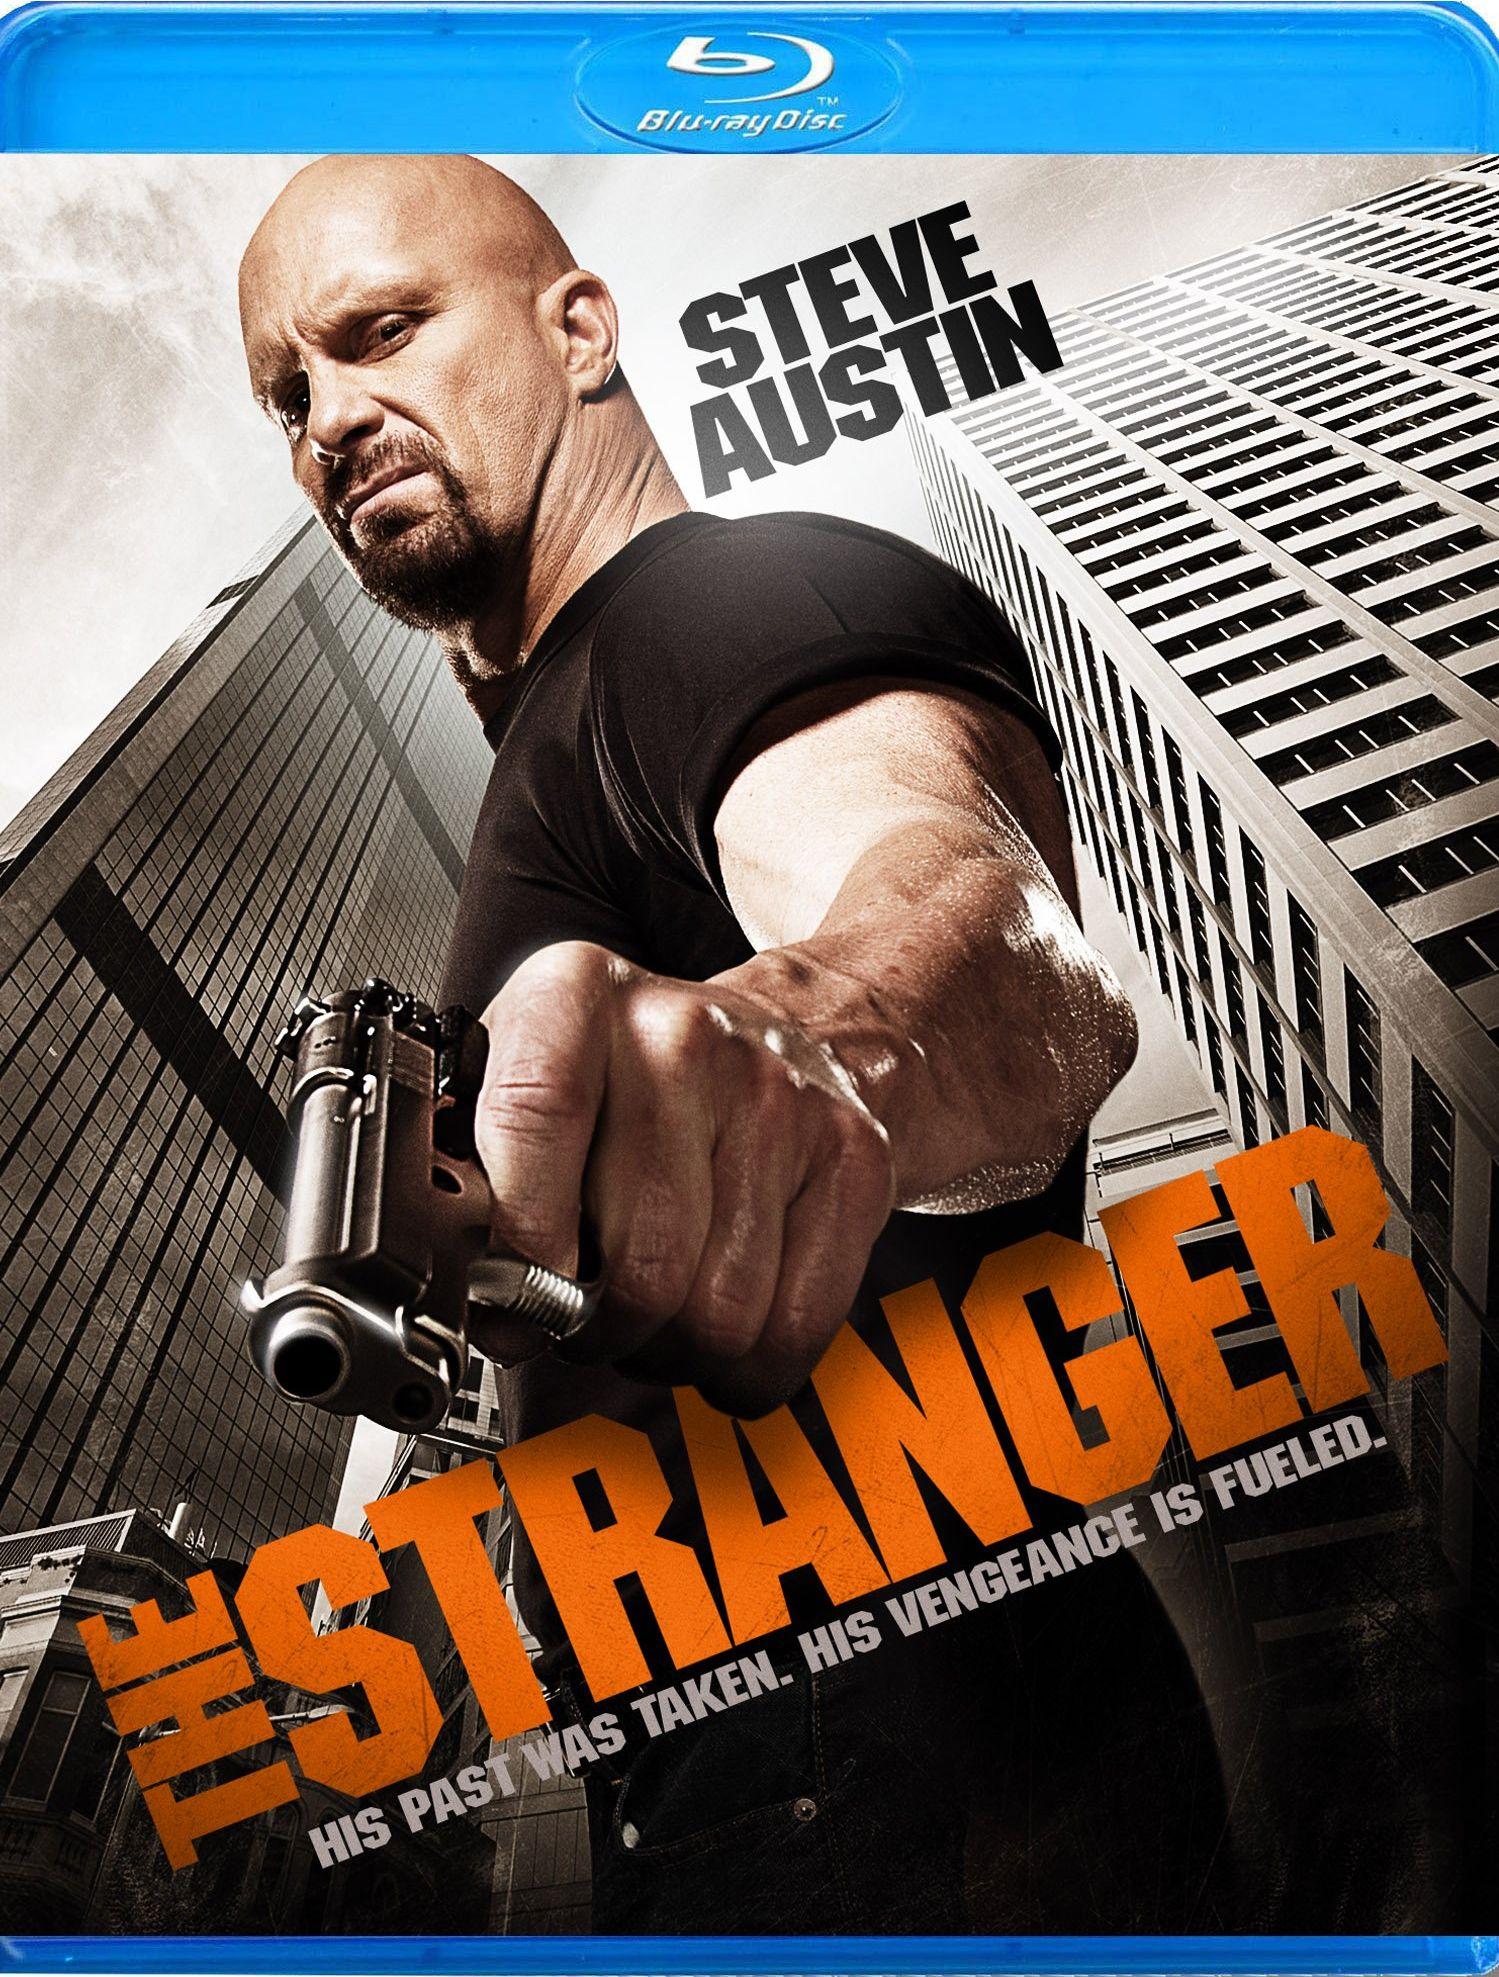 The Stranger Dvd Release Date June 1 2010